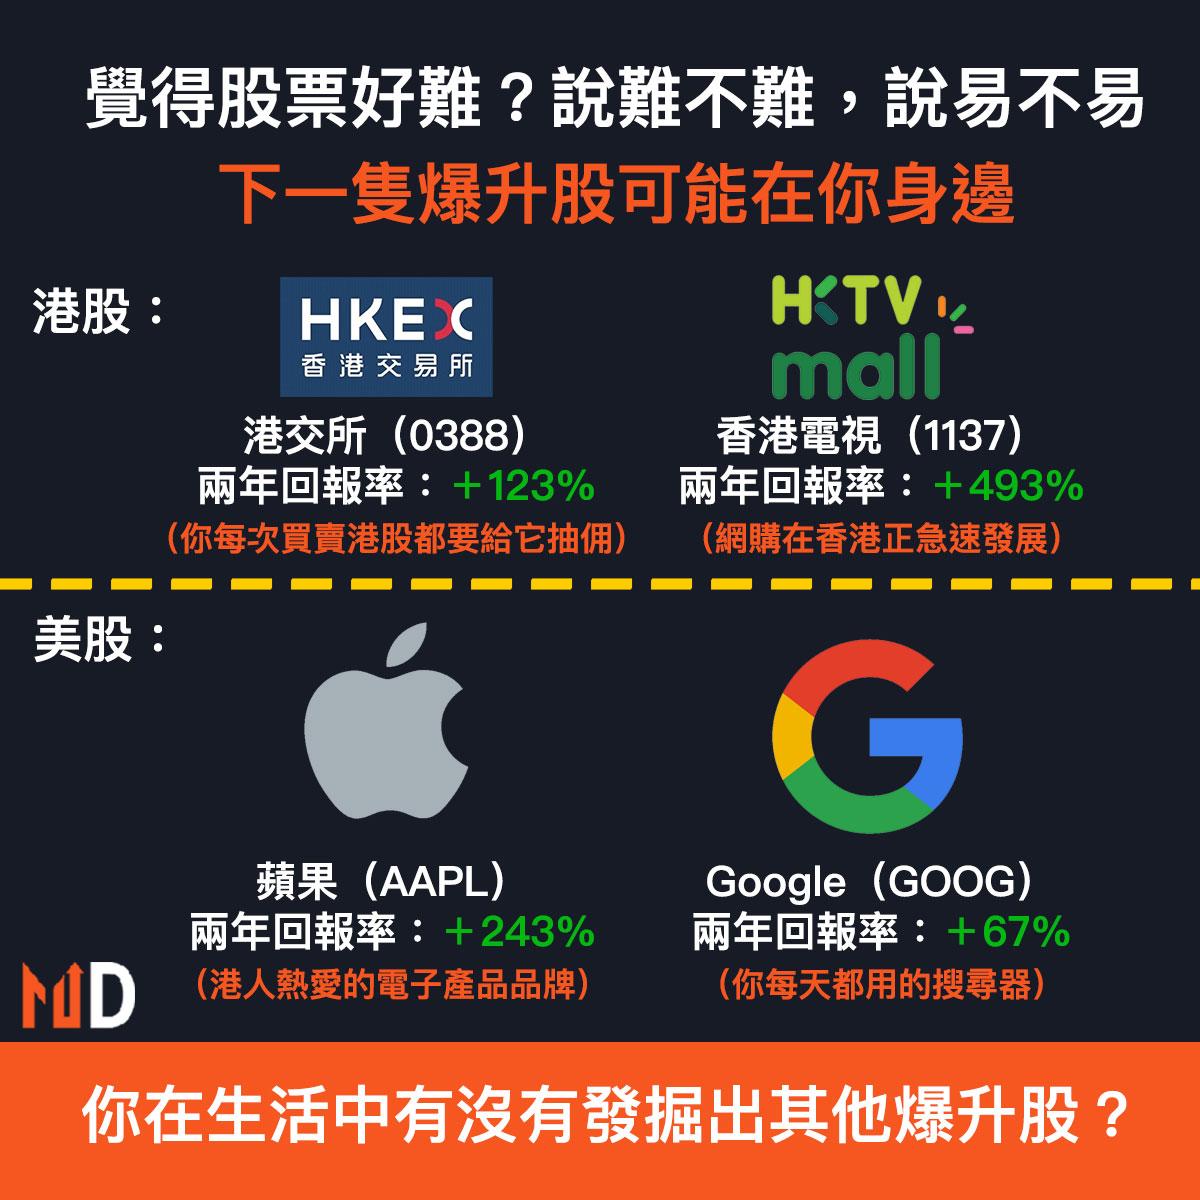 【生活投資法】覺得股票好難?說難不難,說易不易。